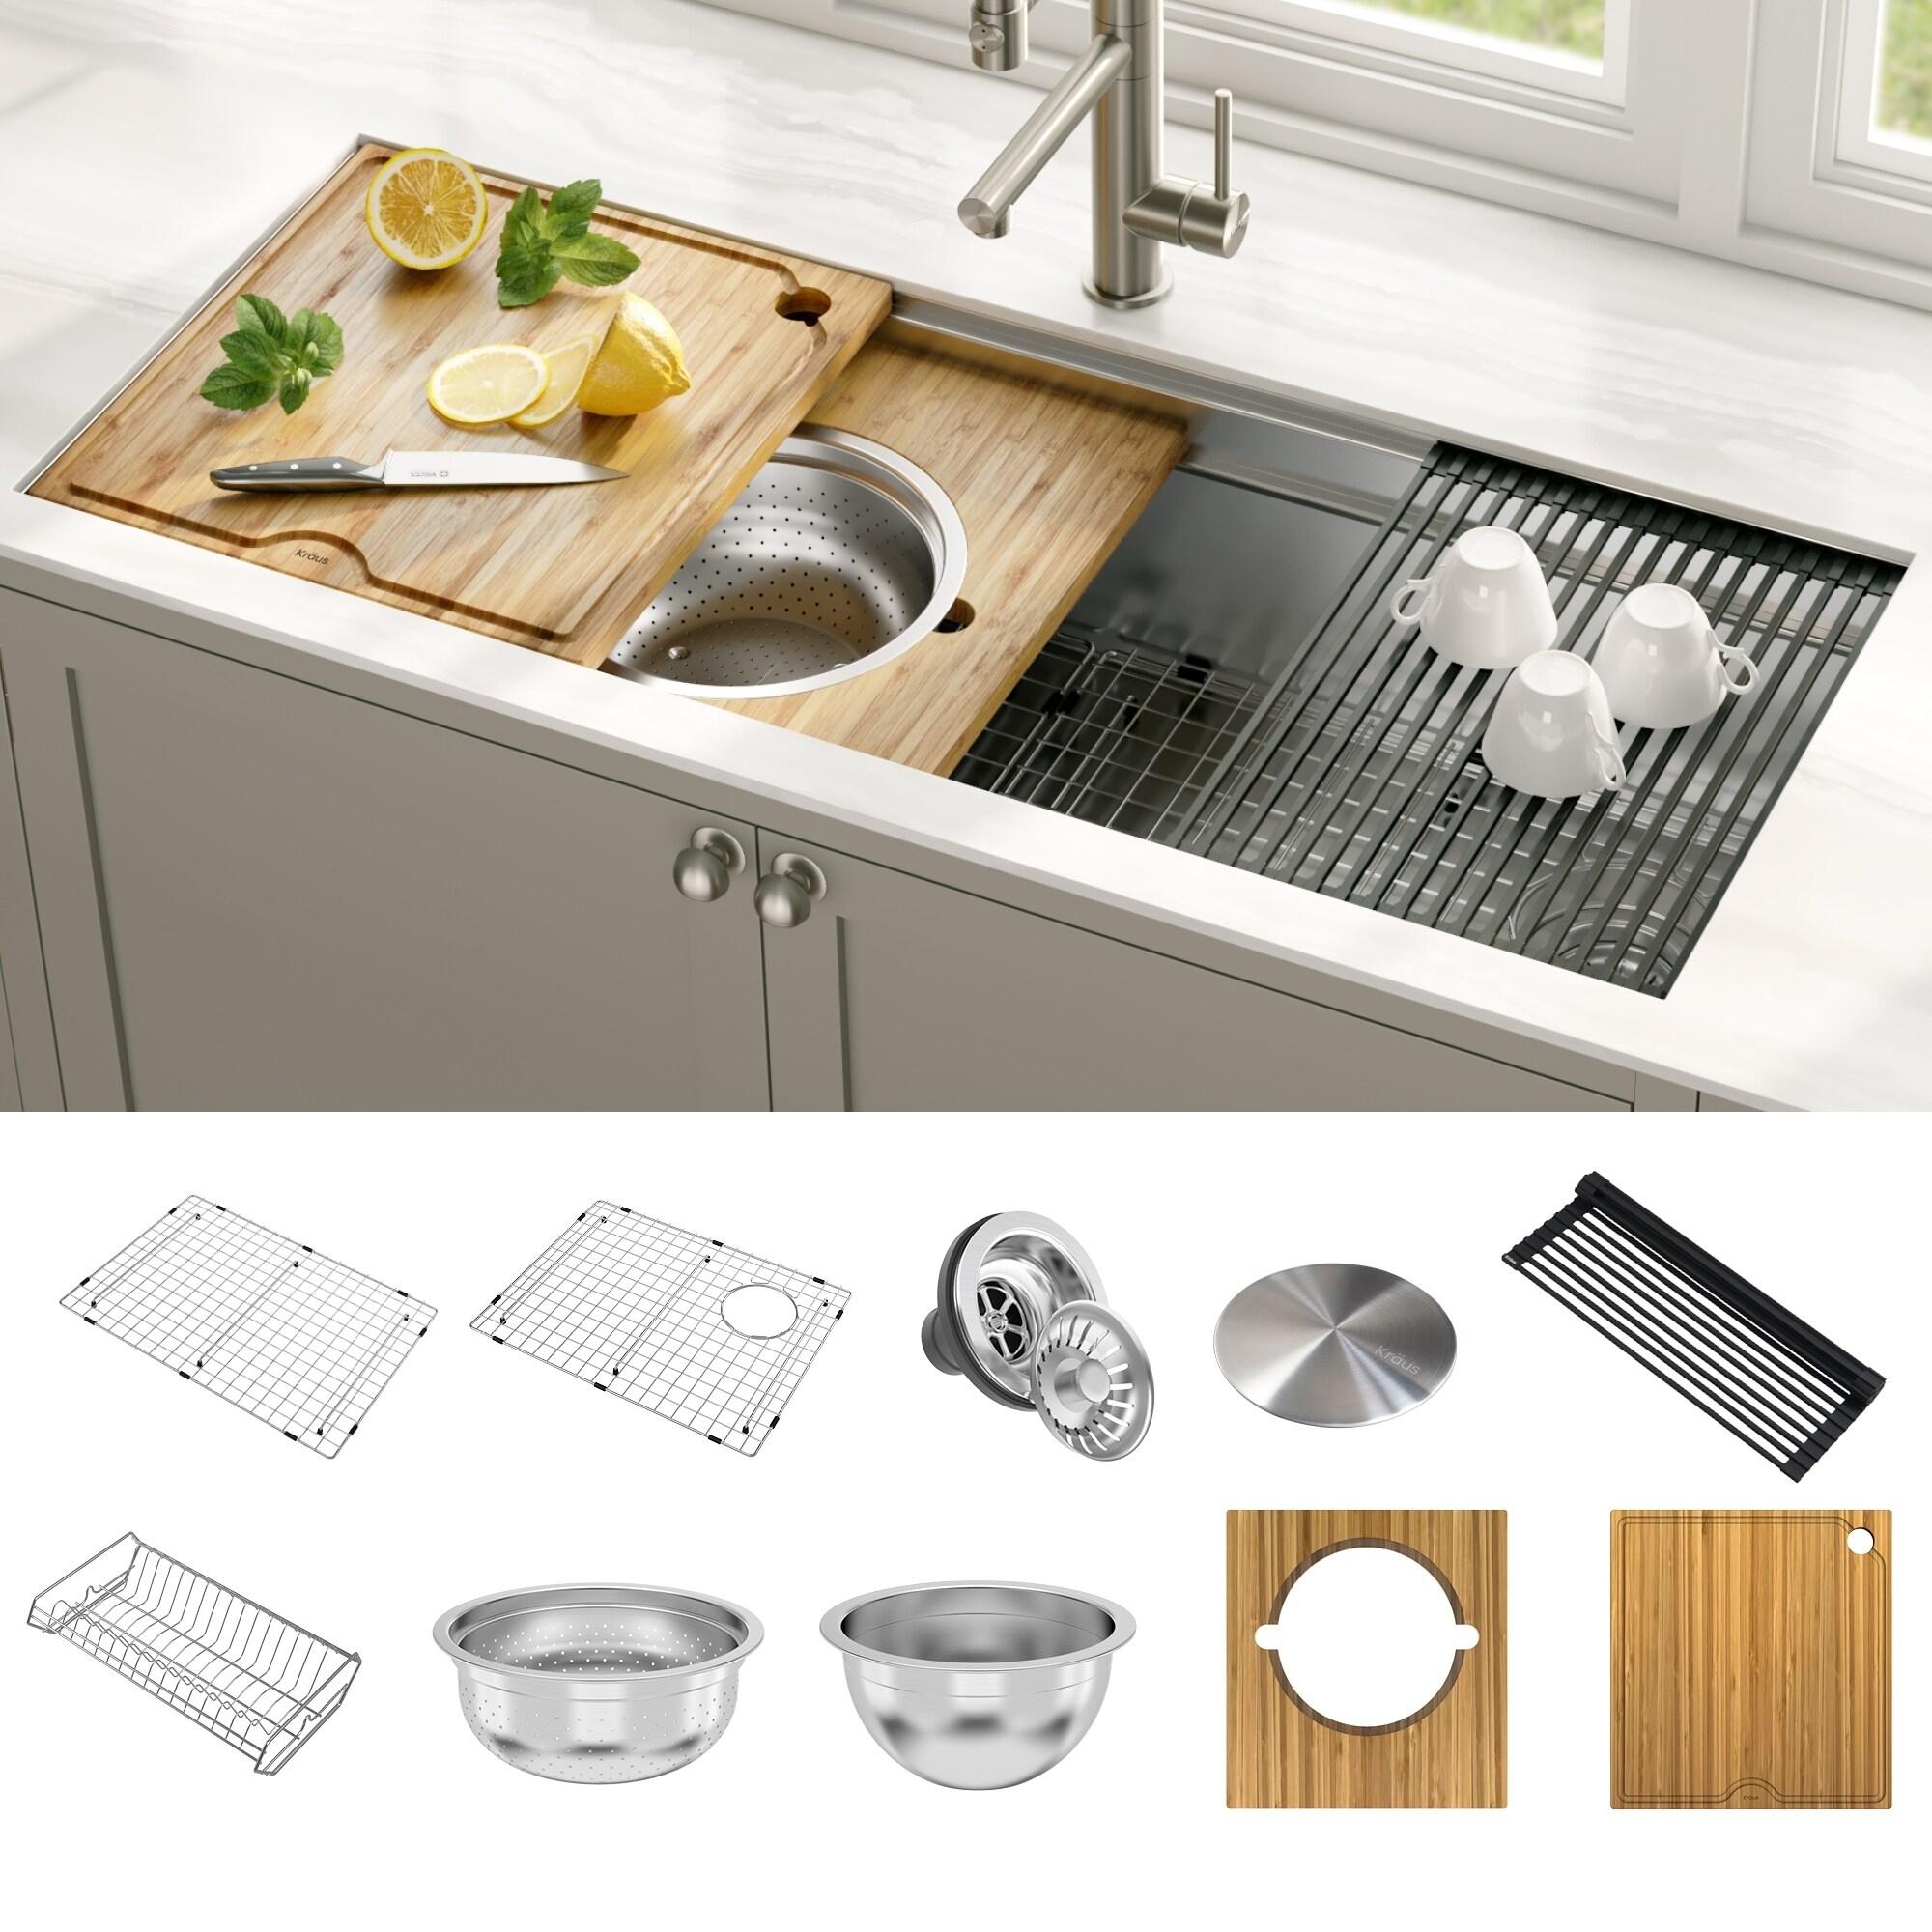 KRAUS Kore 45-inch Workstation Undermount Stainless Steel Kitchen Sink